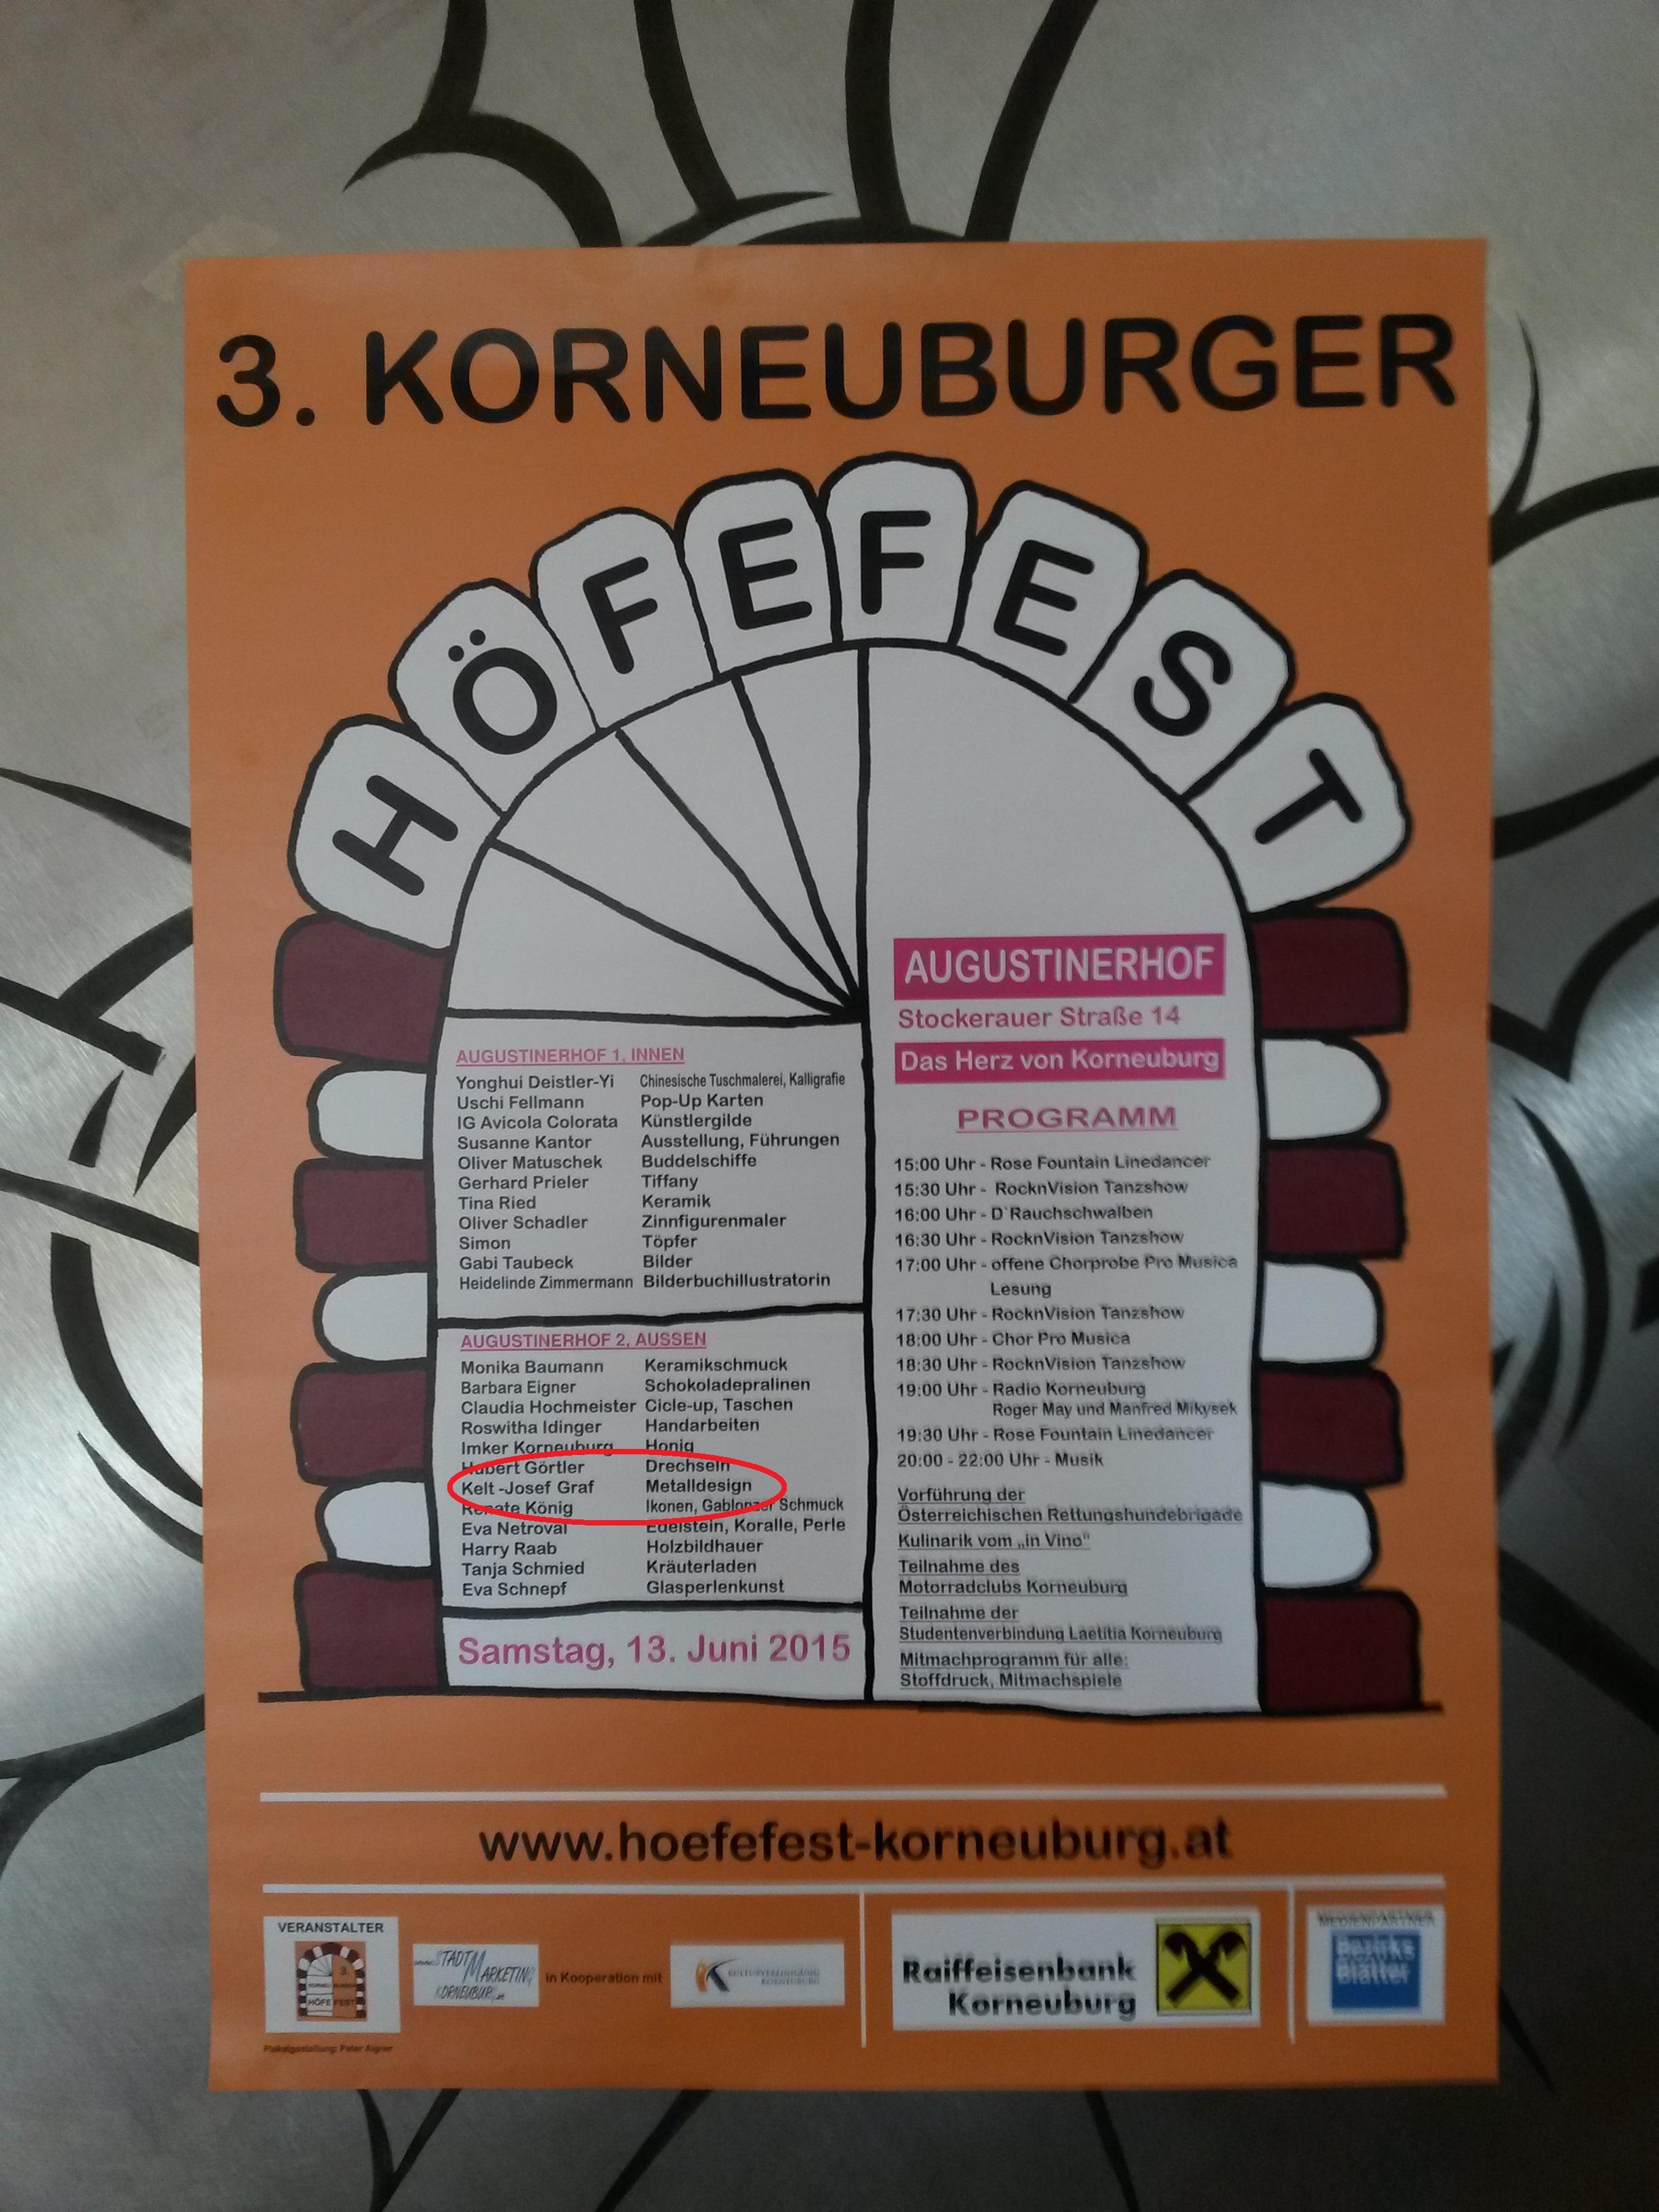 Höfefest Korneuburg 13.06.15